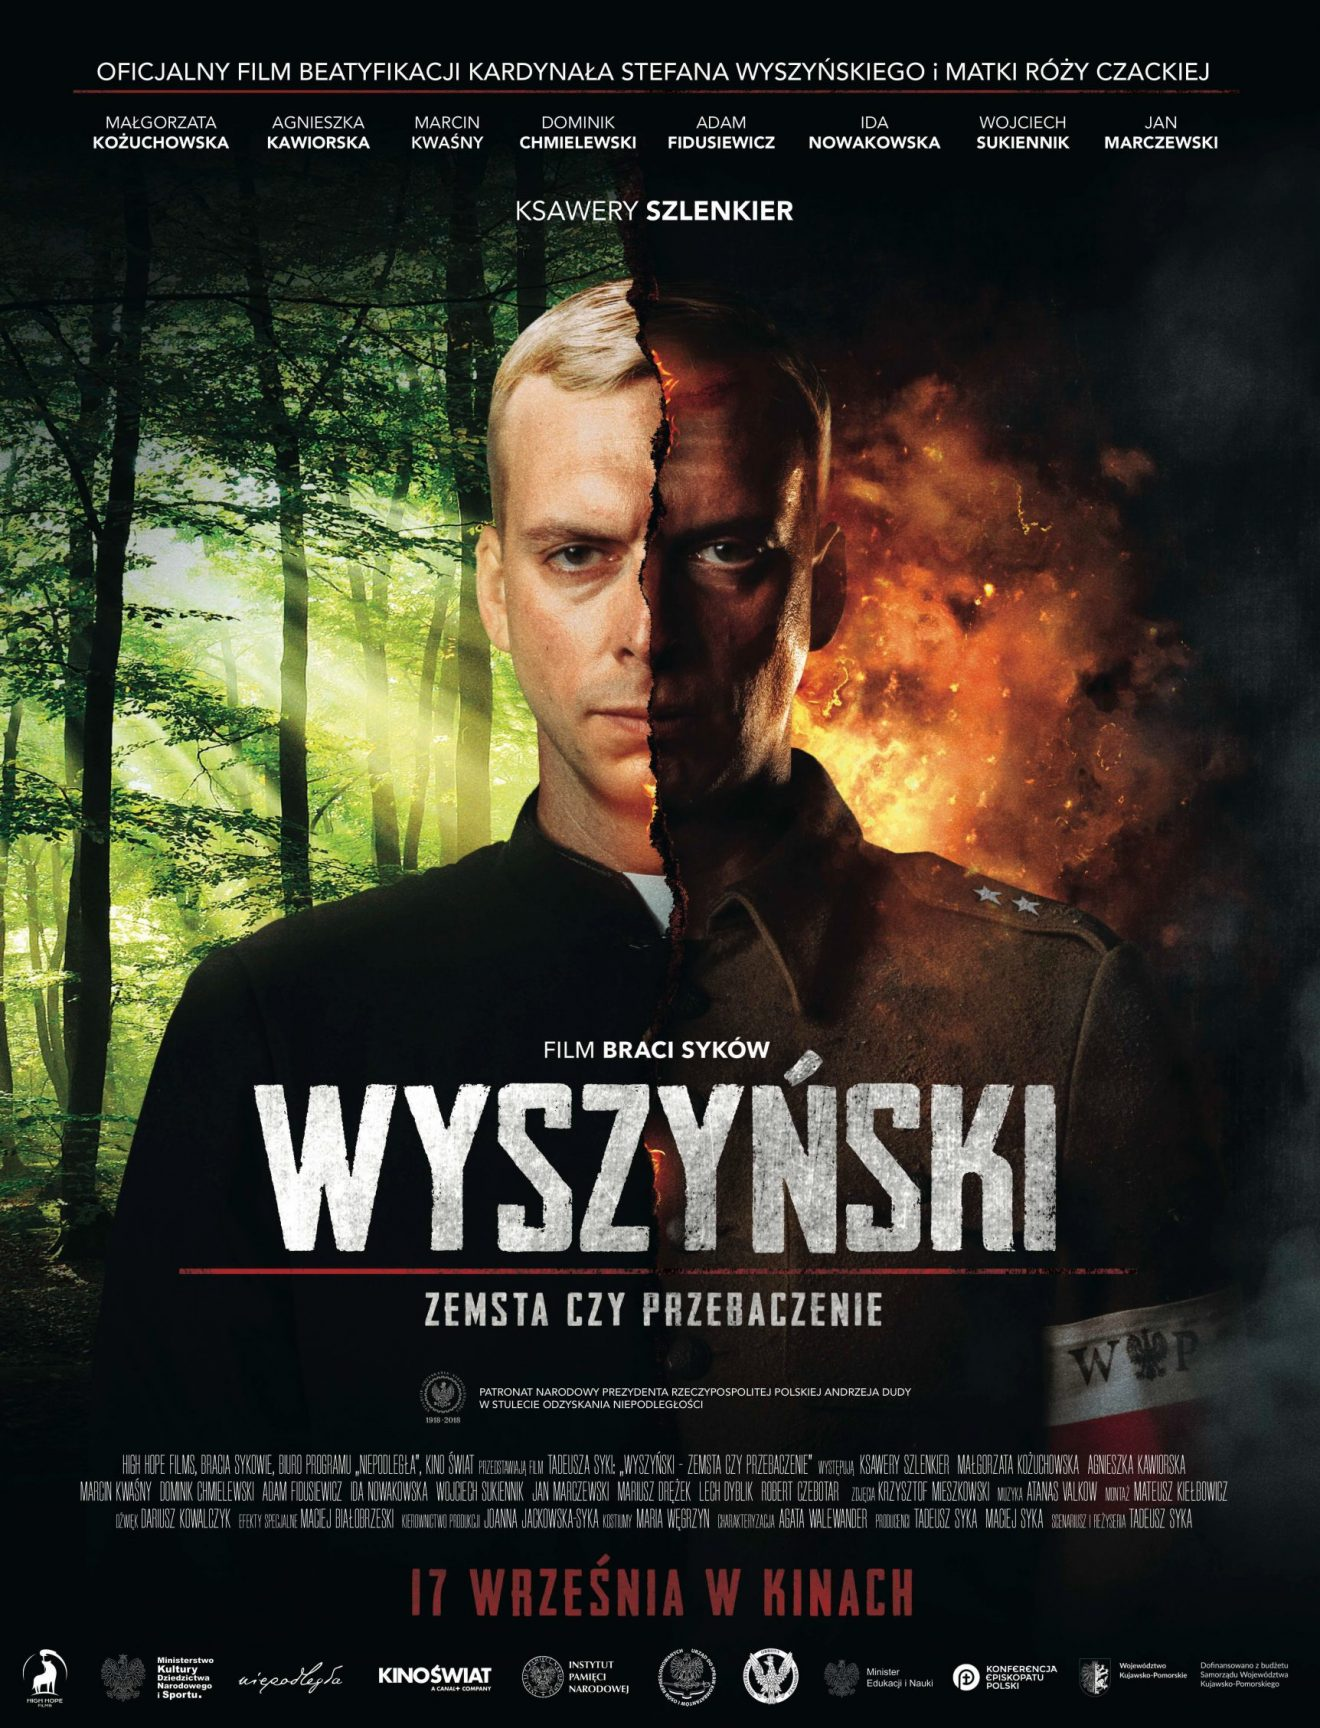 """Wyszyński – zemsta czy przebaczenie""""   eKAI"""